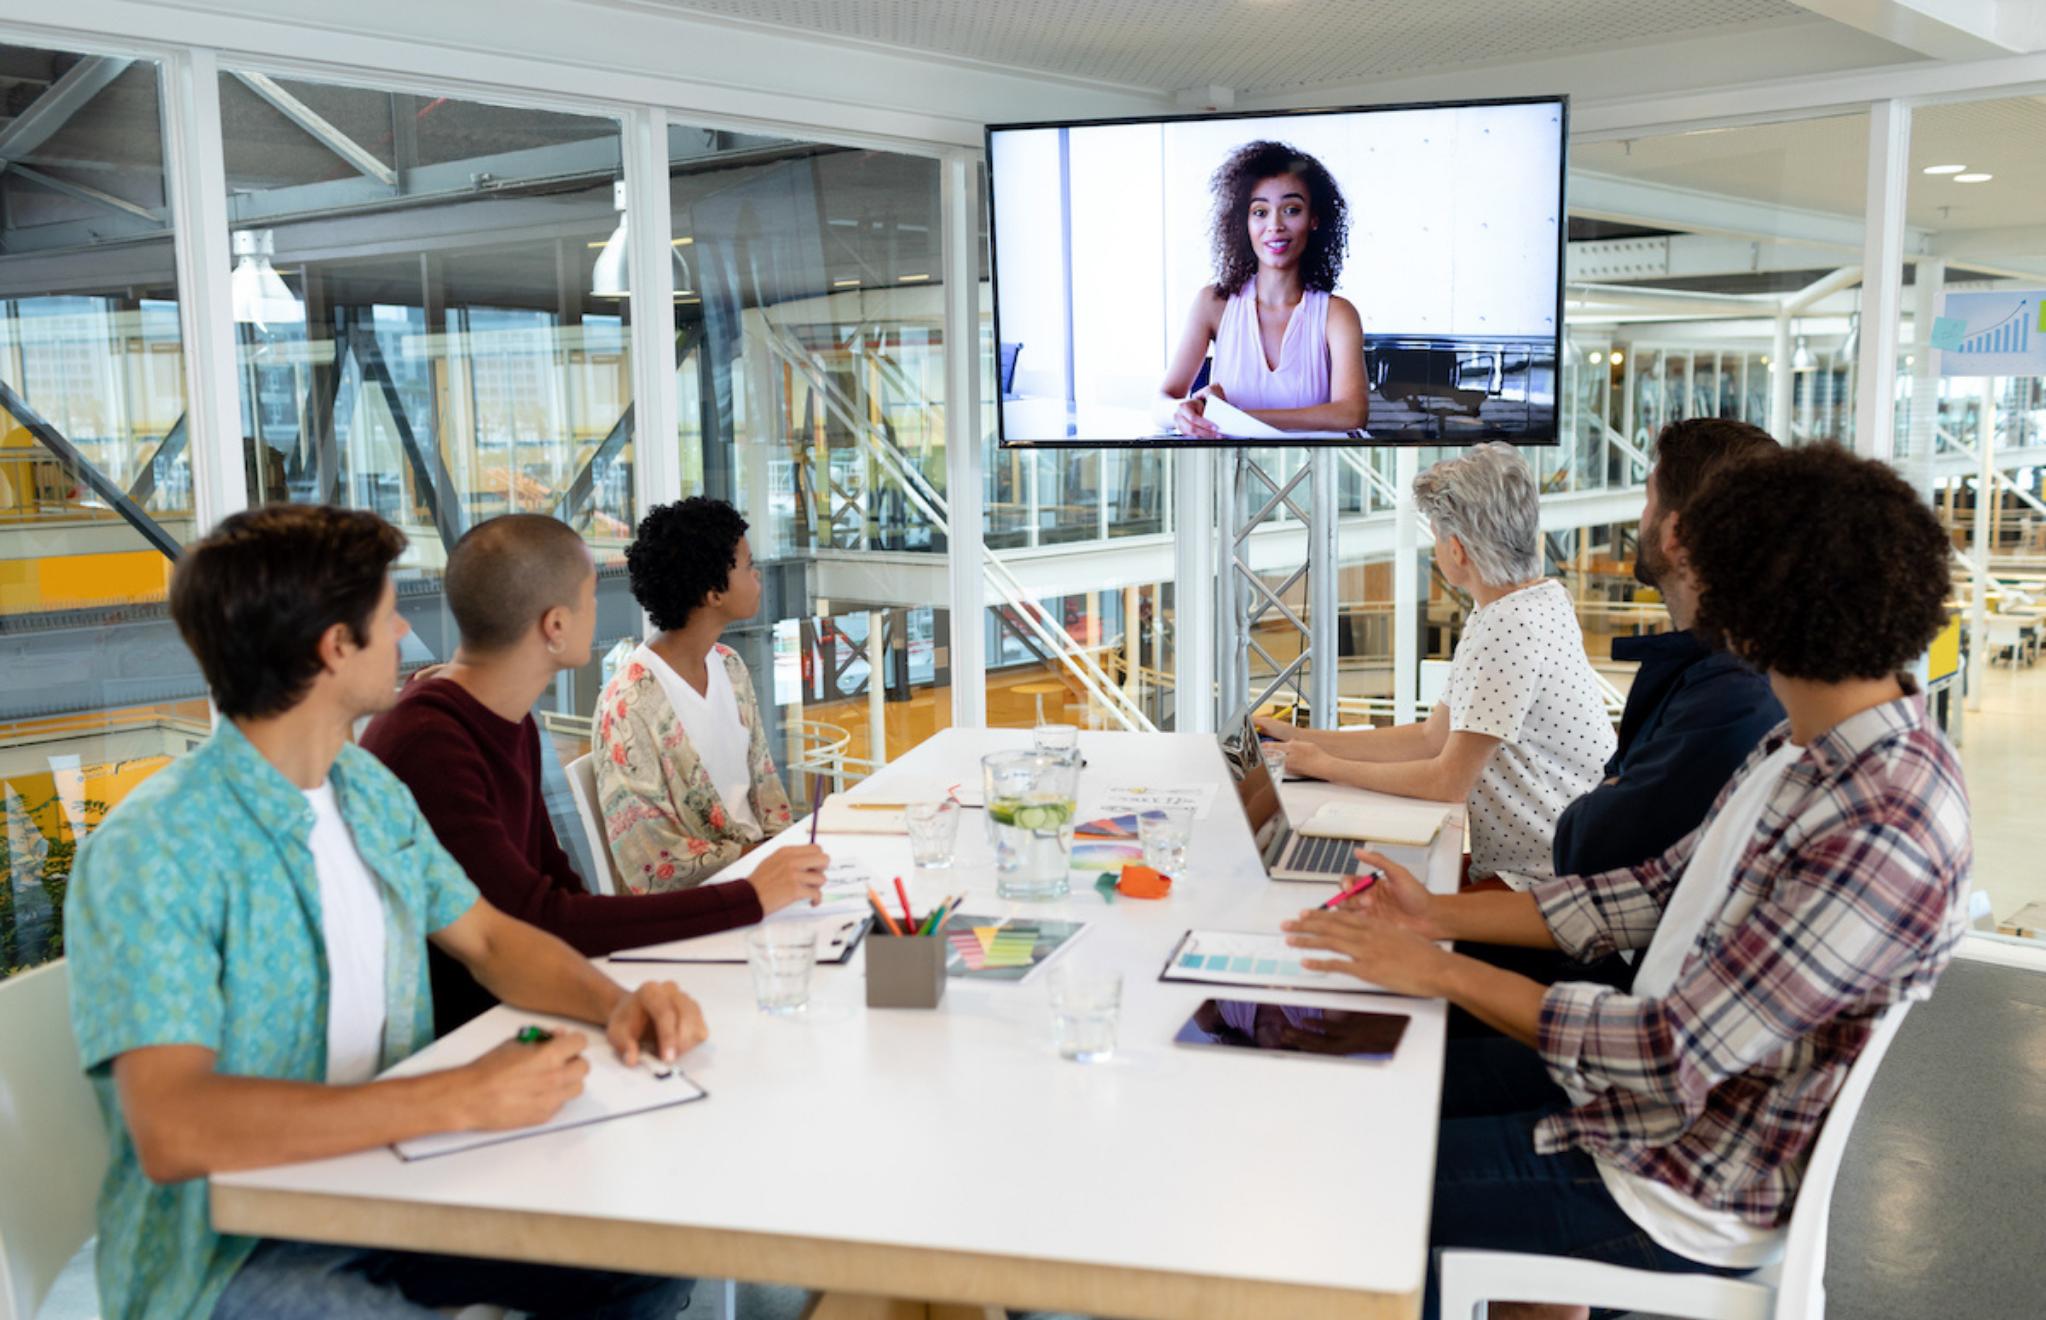 3 Ways to Create Digital Equity in a Hybrid Workforce